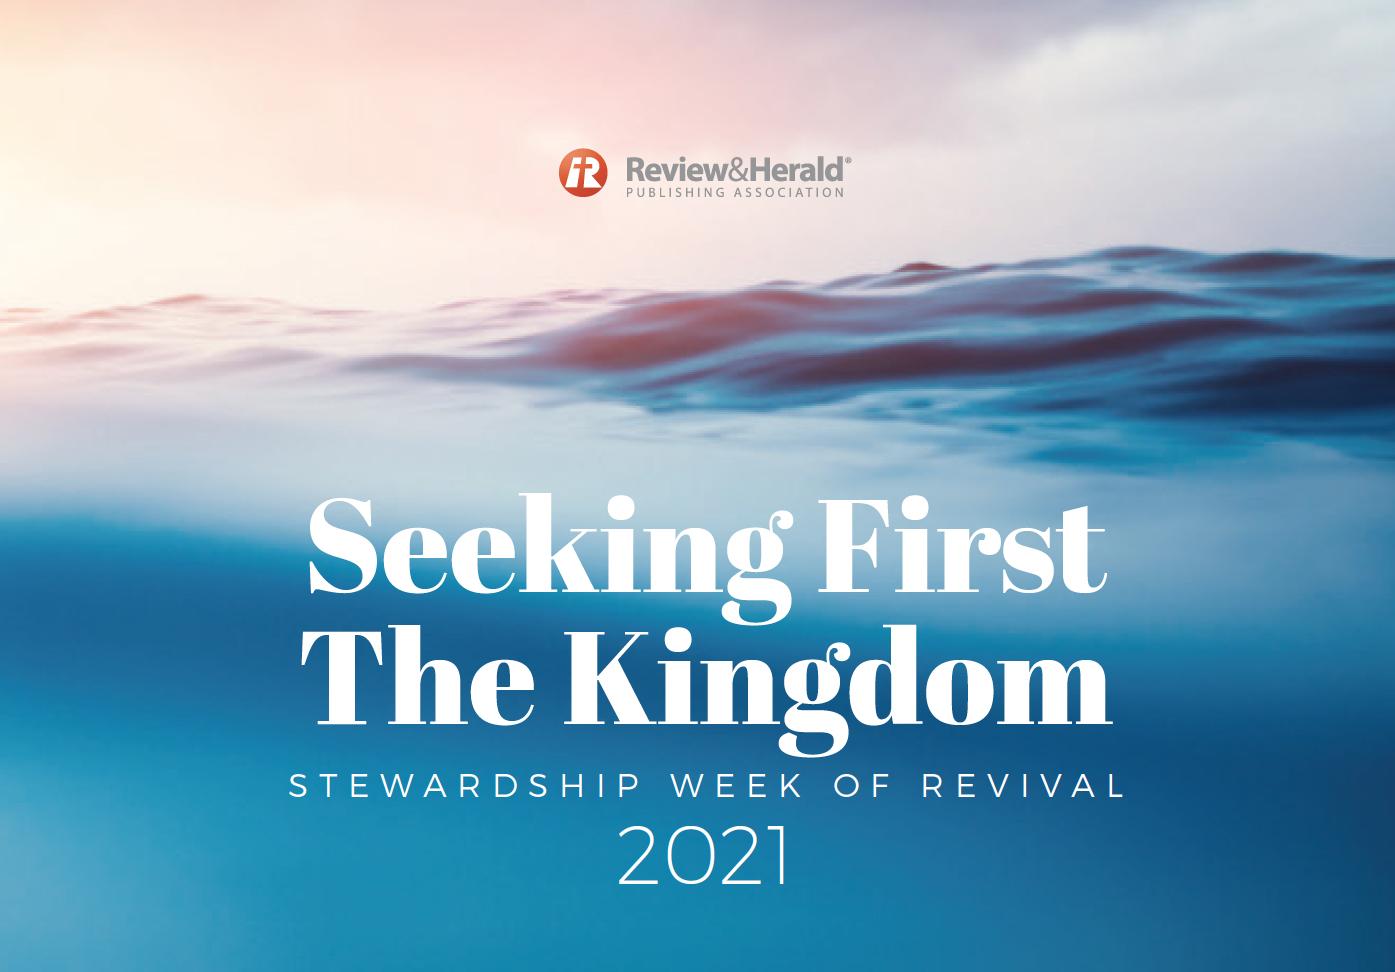 2021 Stewardship Week of Revival